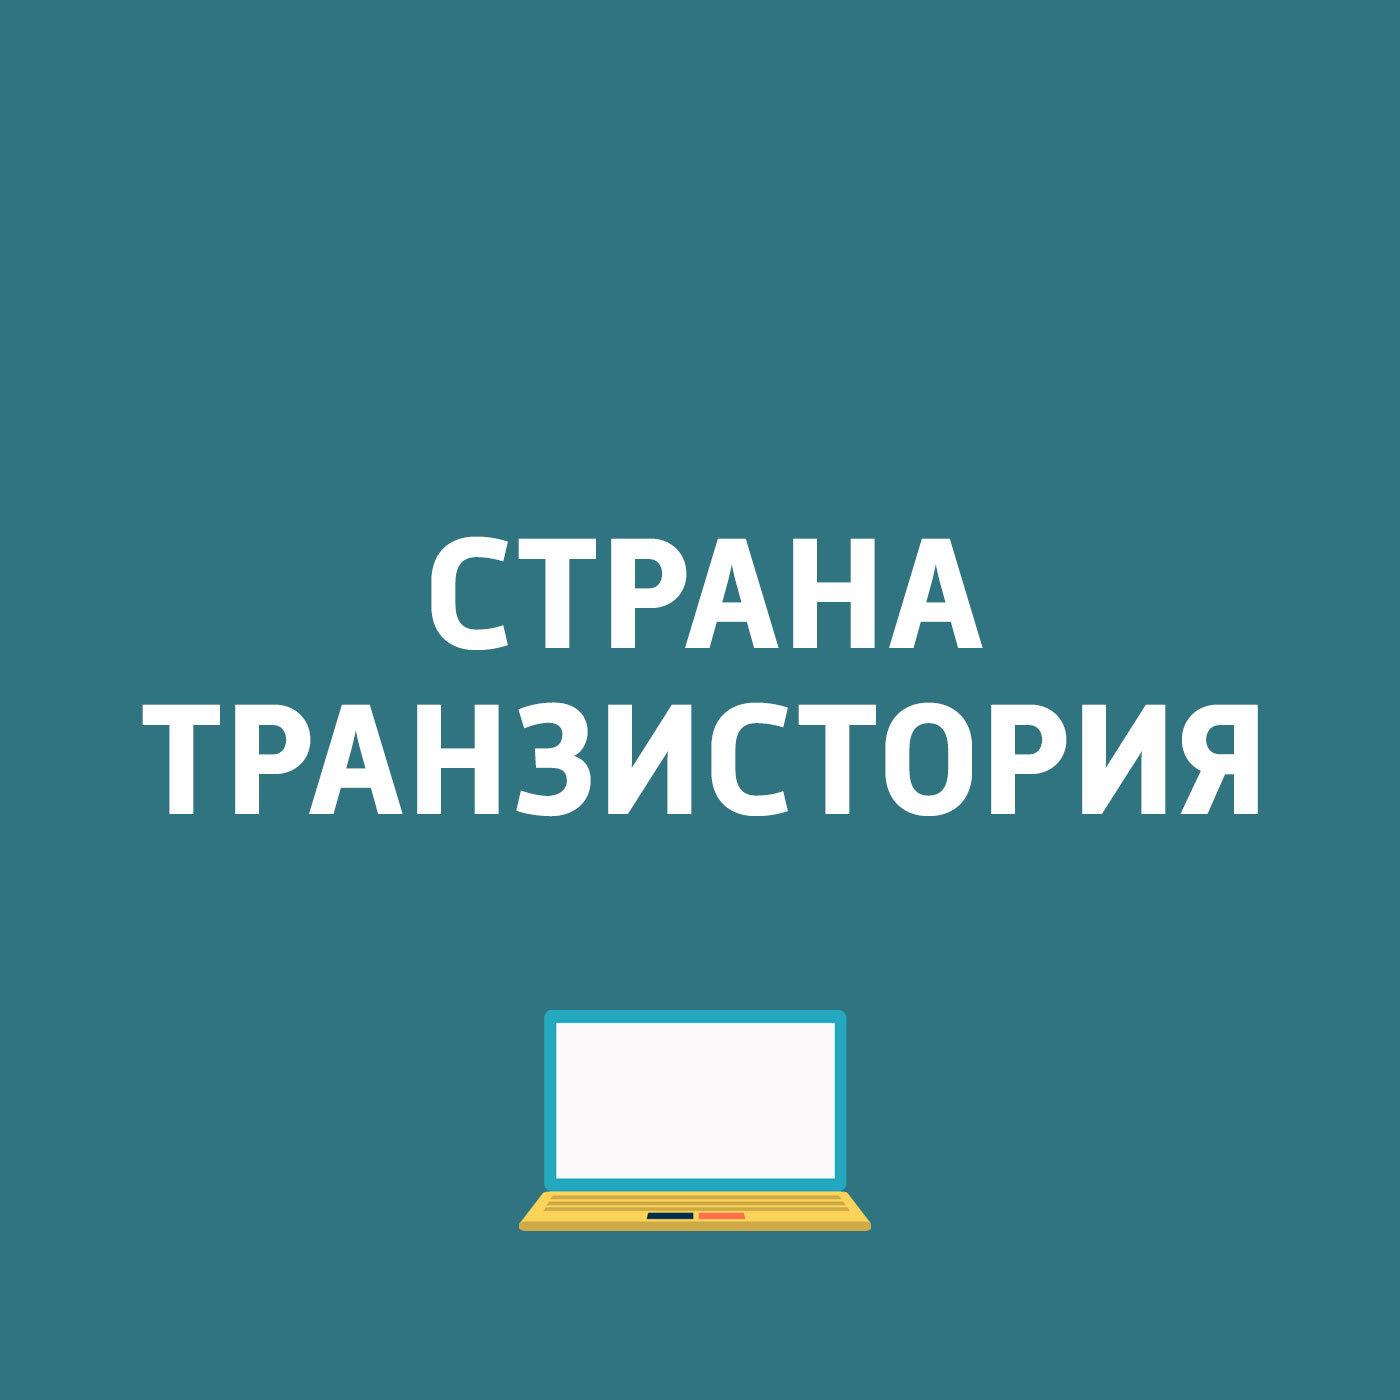 Картаев Павел Конференции для разработчиков Google I/O 2017 картаев павел киберспорт в россии приравняли к футболу